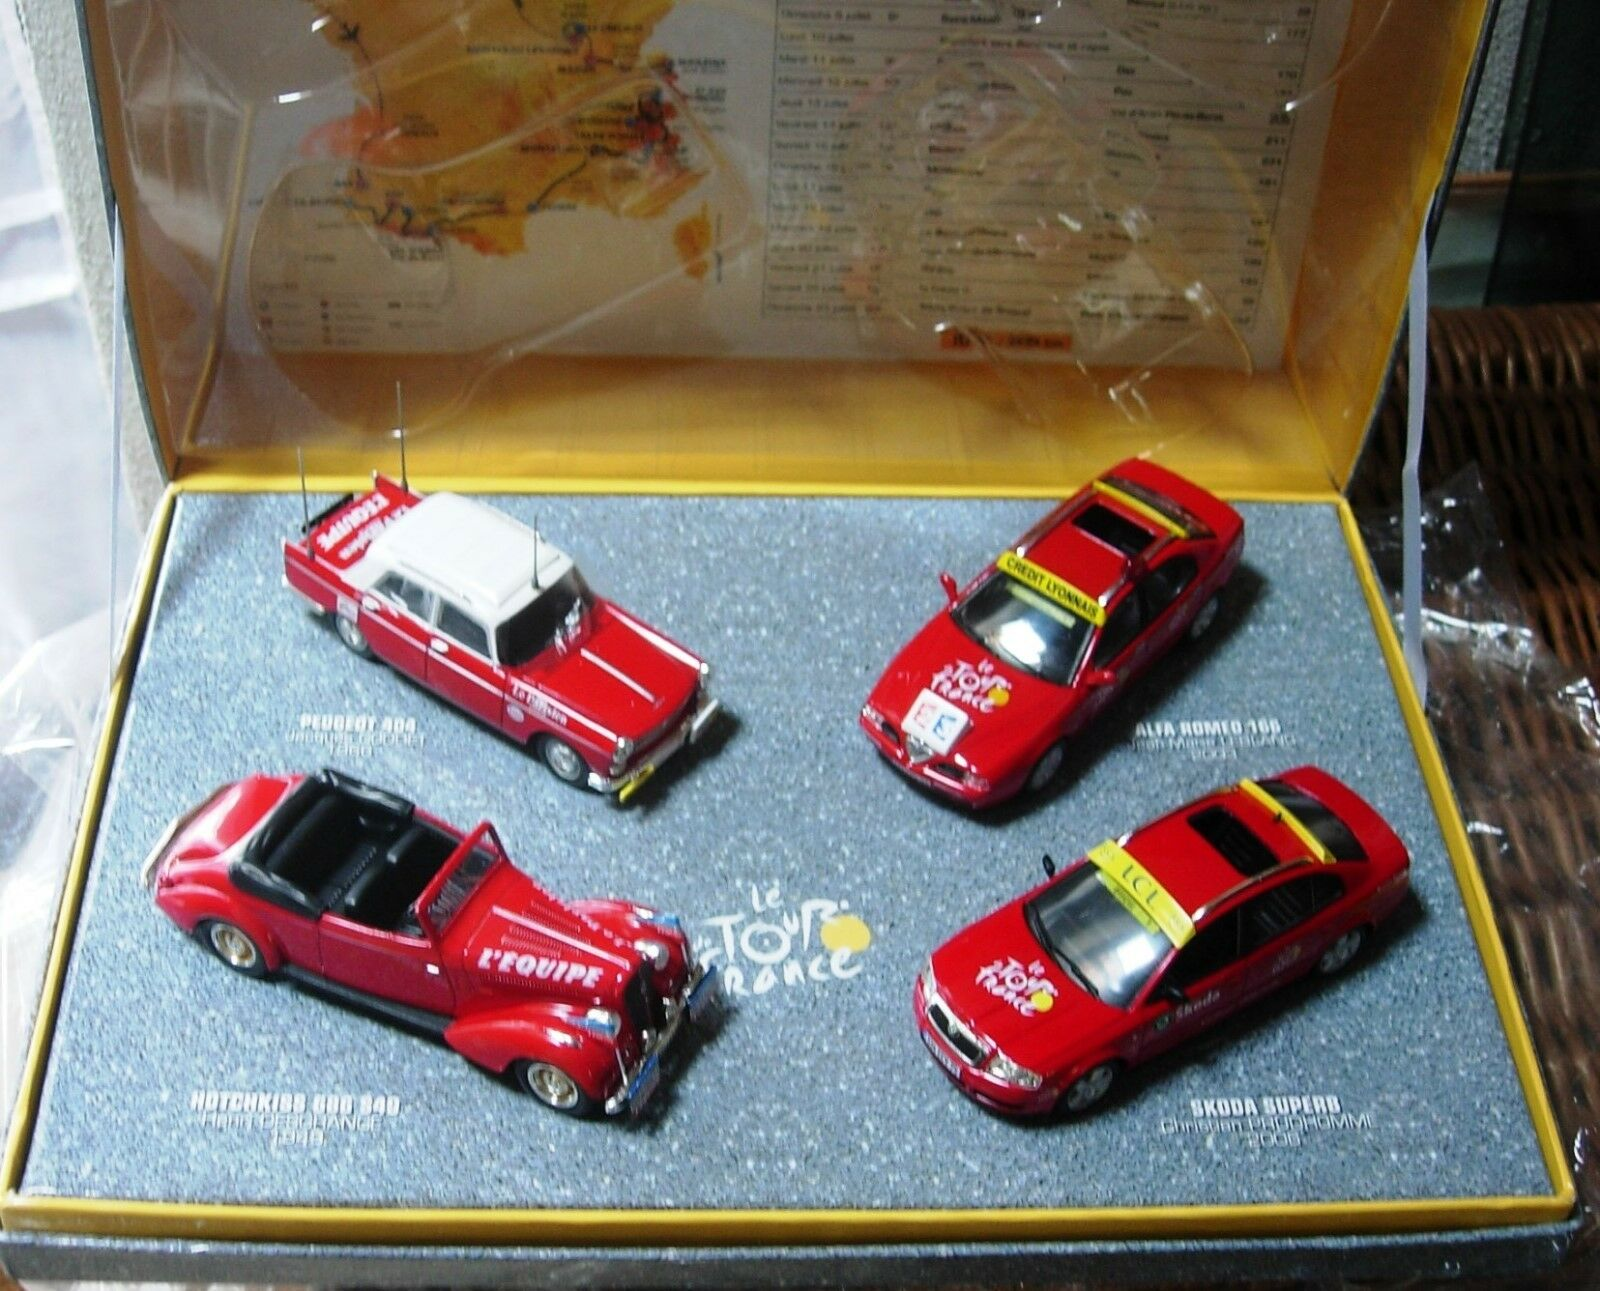 comodamente Confezione specialeee tour de france 2006 con con con 4 auto  negozio all'ingrosso